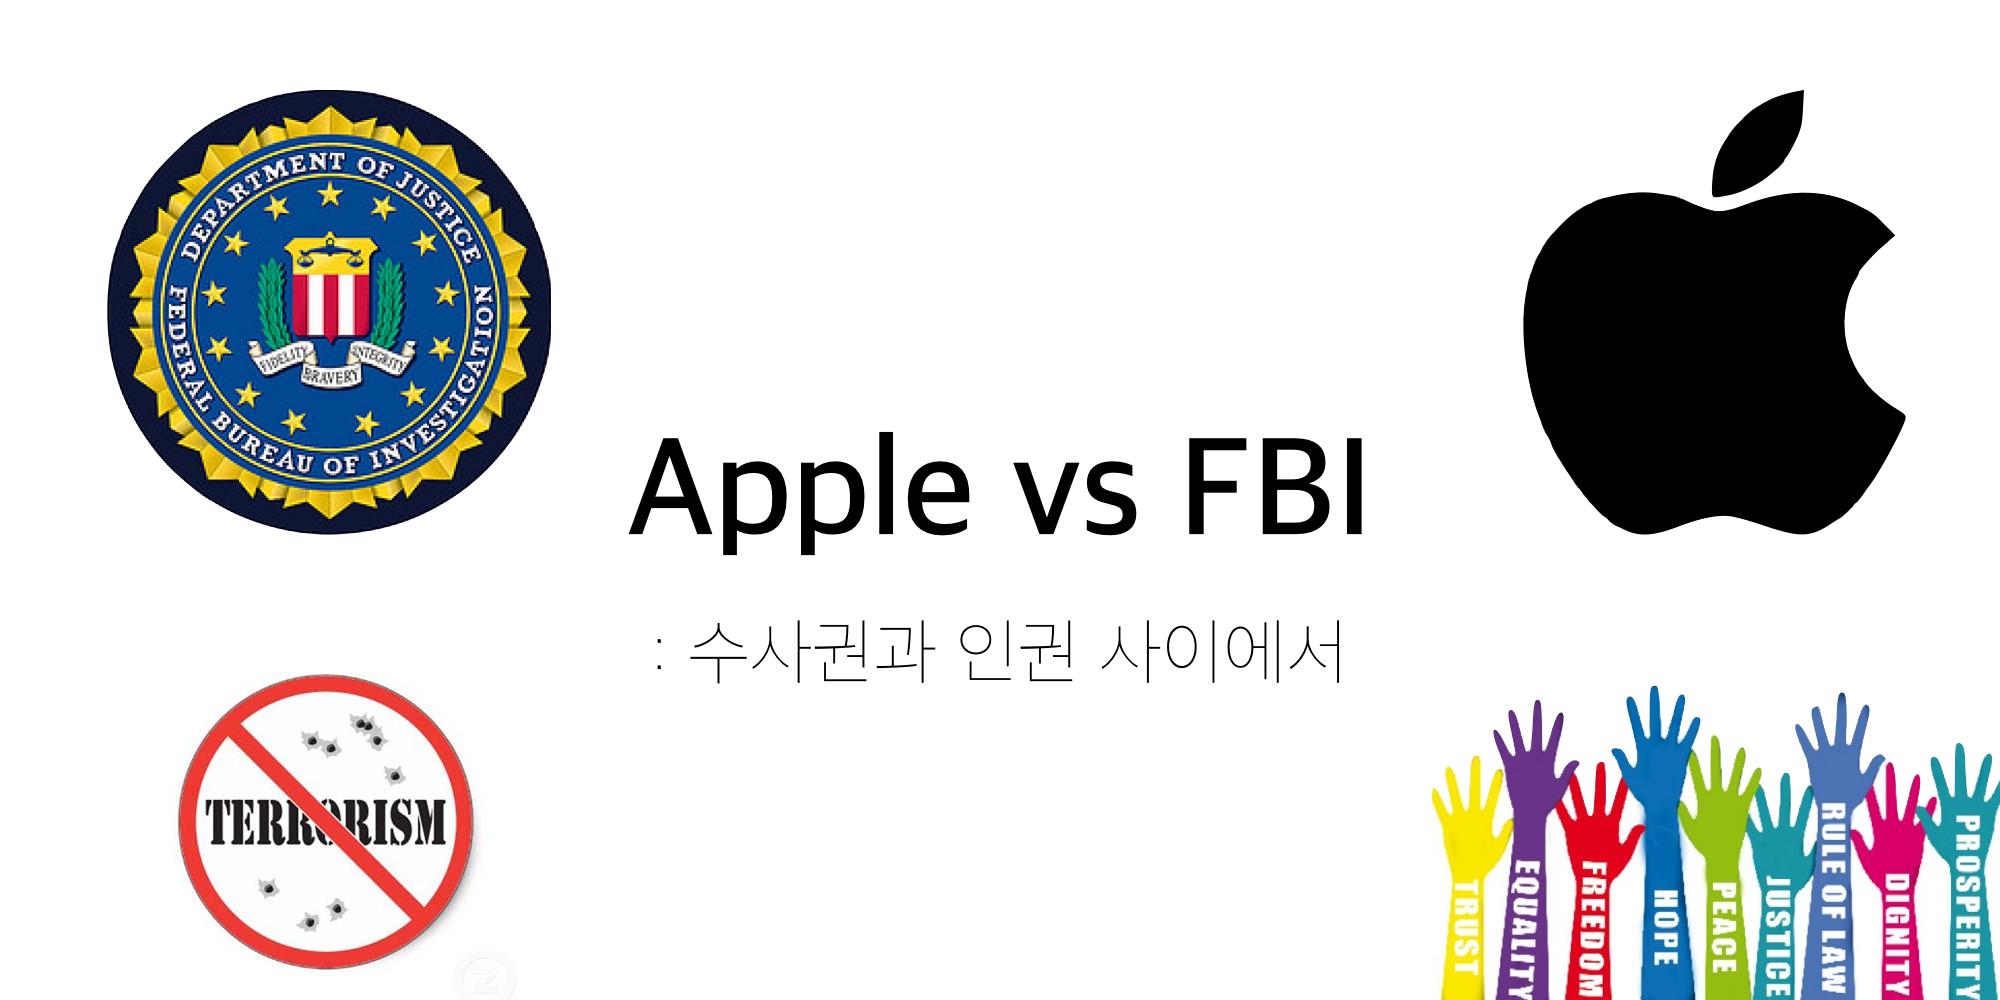 애플 vs FBI : 수사권과 인권 사이에서